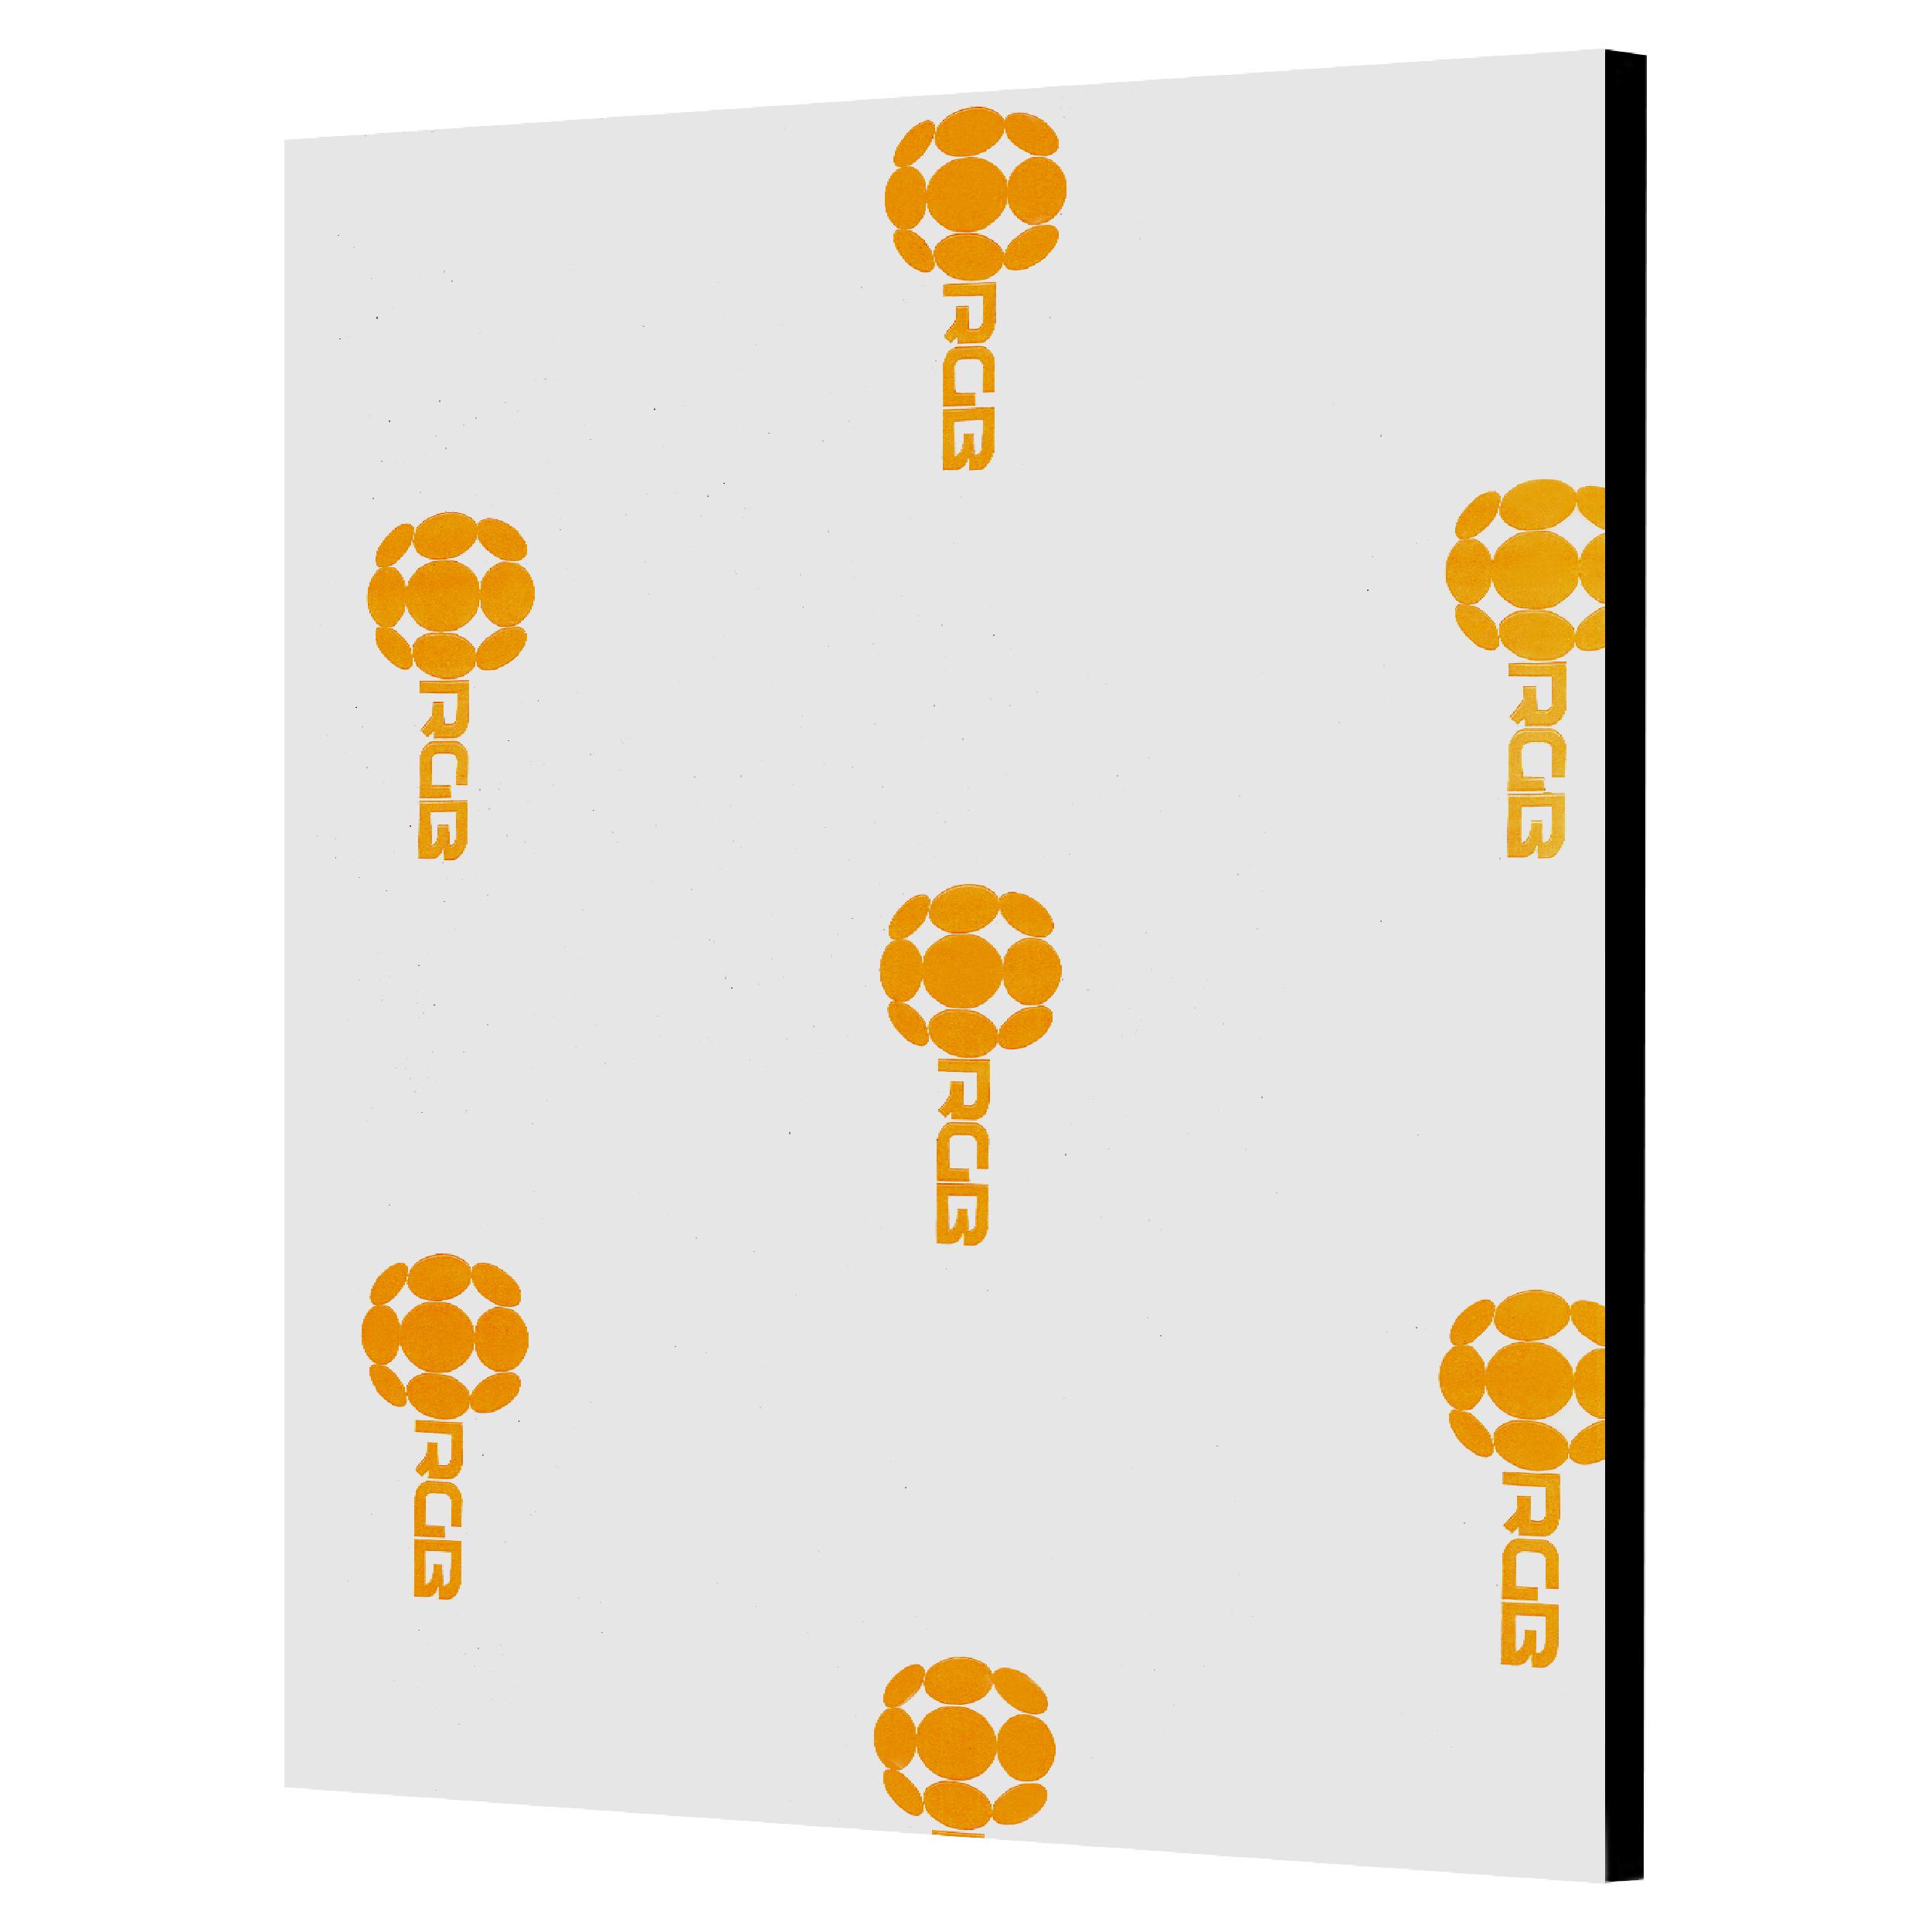 تخته شاسی FG مدل رویایی کد 03 سایز 13×18 سانتی متر